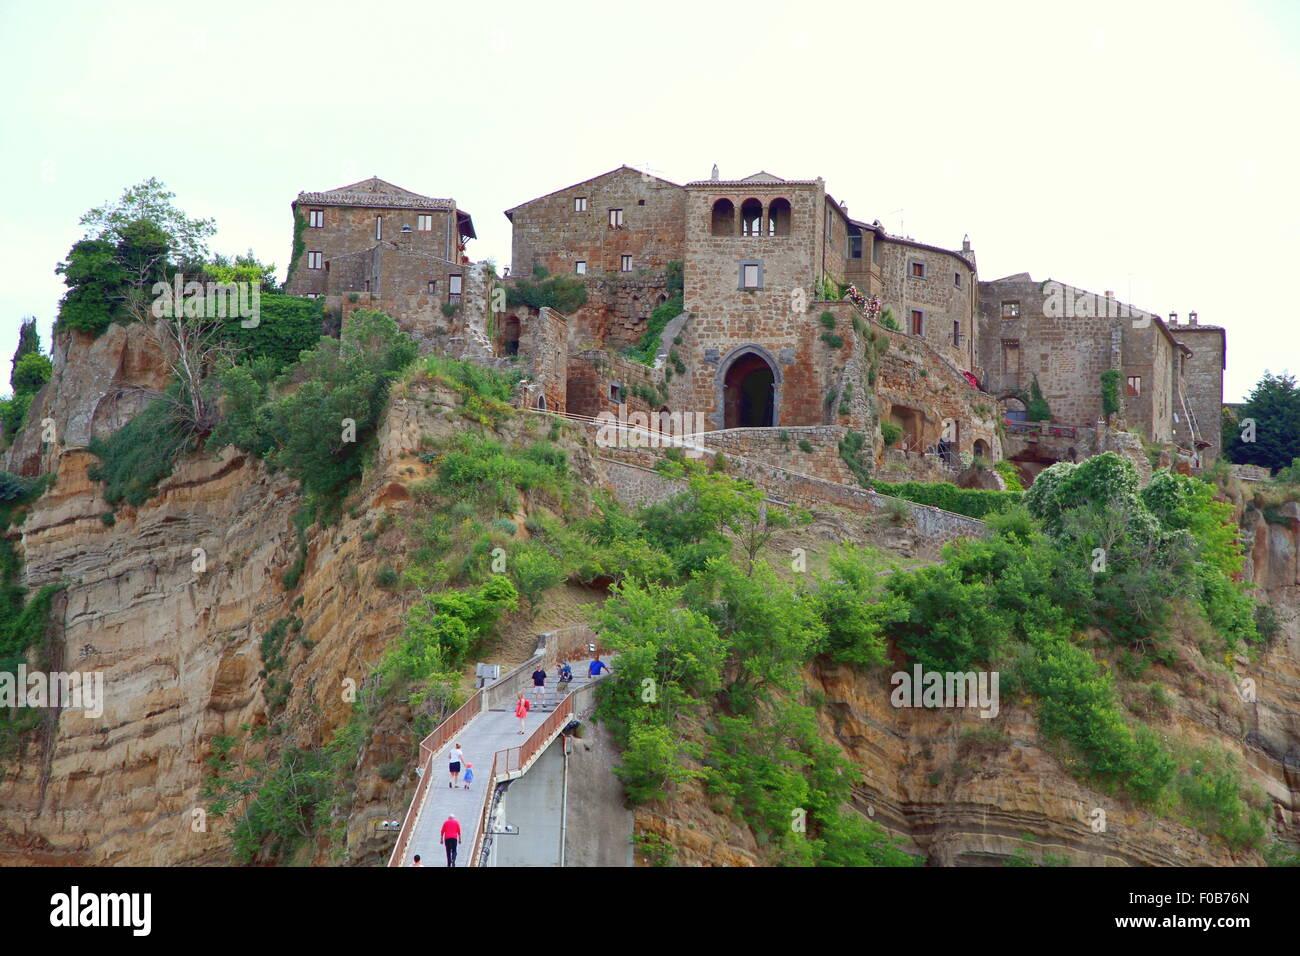 View of the village of Civita di Bagnoregio, Italy Stock Photo ...